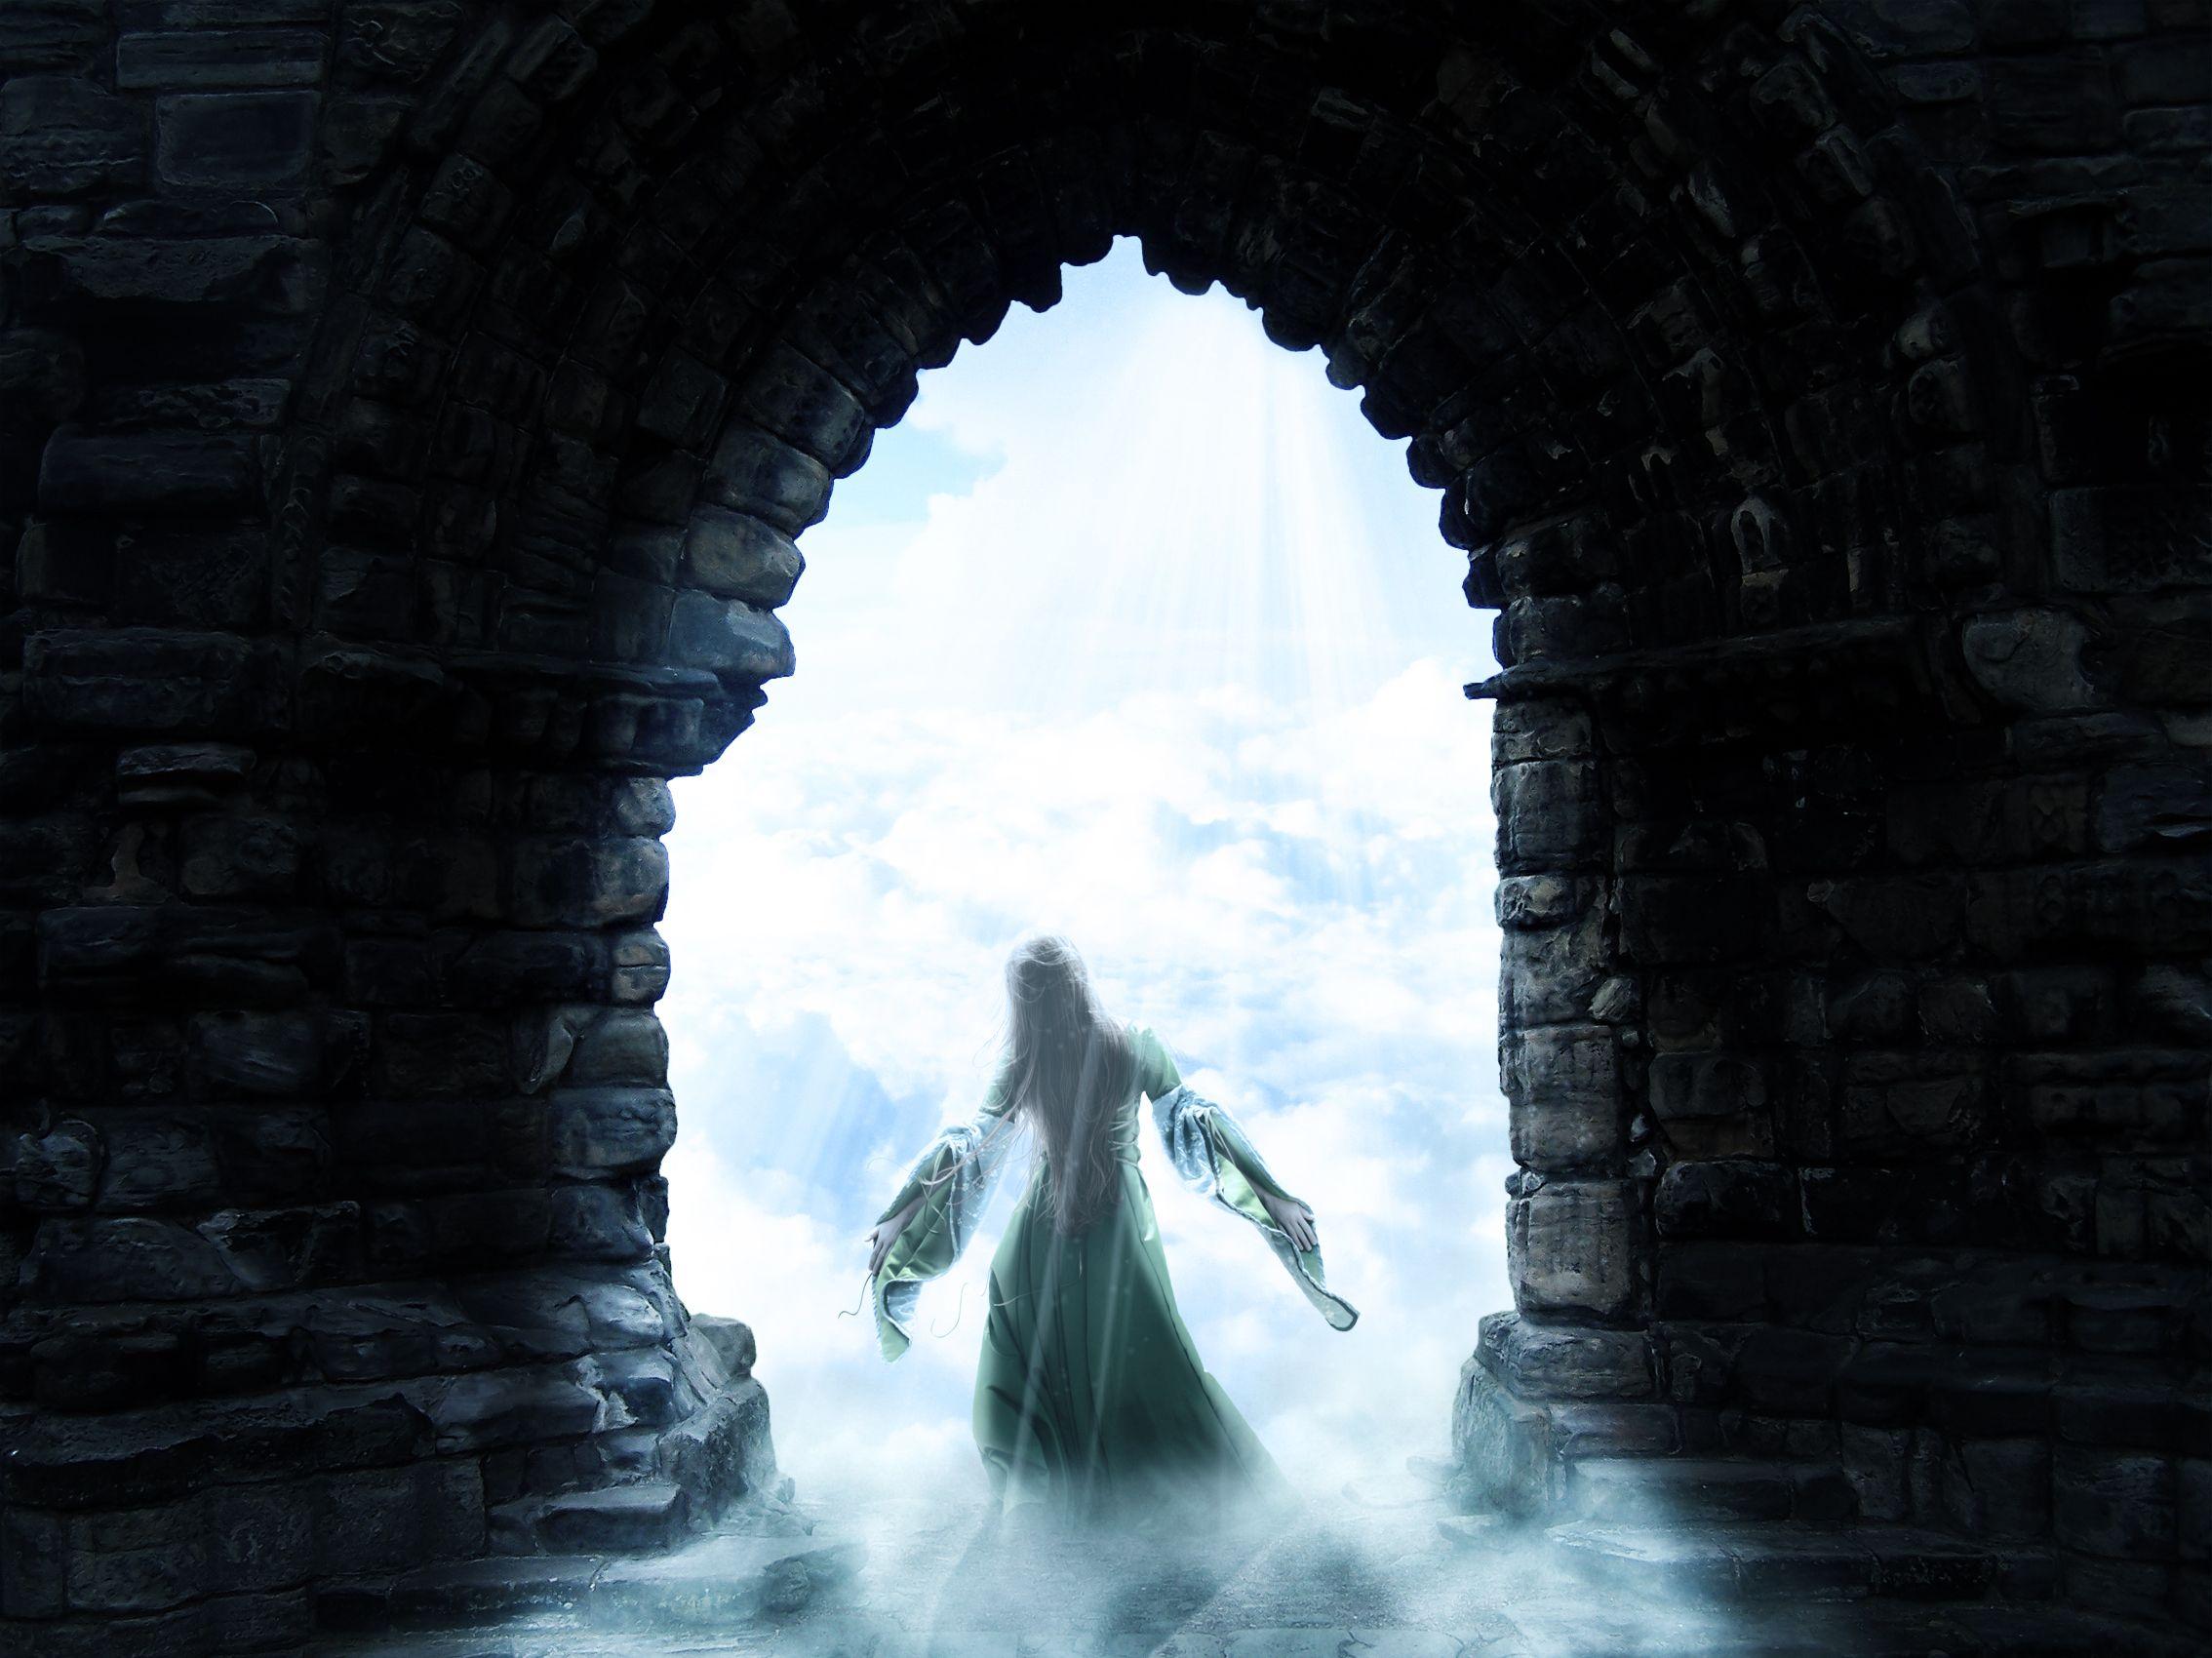 Heaven   SPOTLIGHT: Going through the doorway to heaven